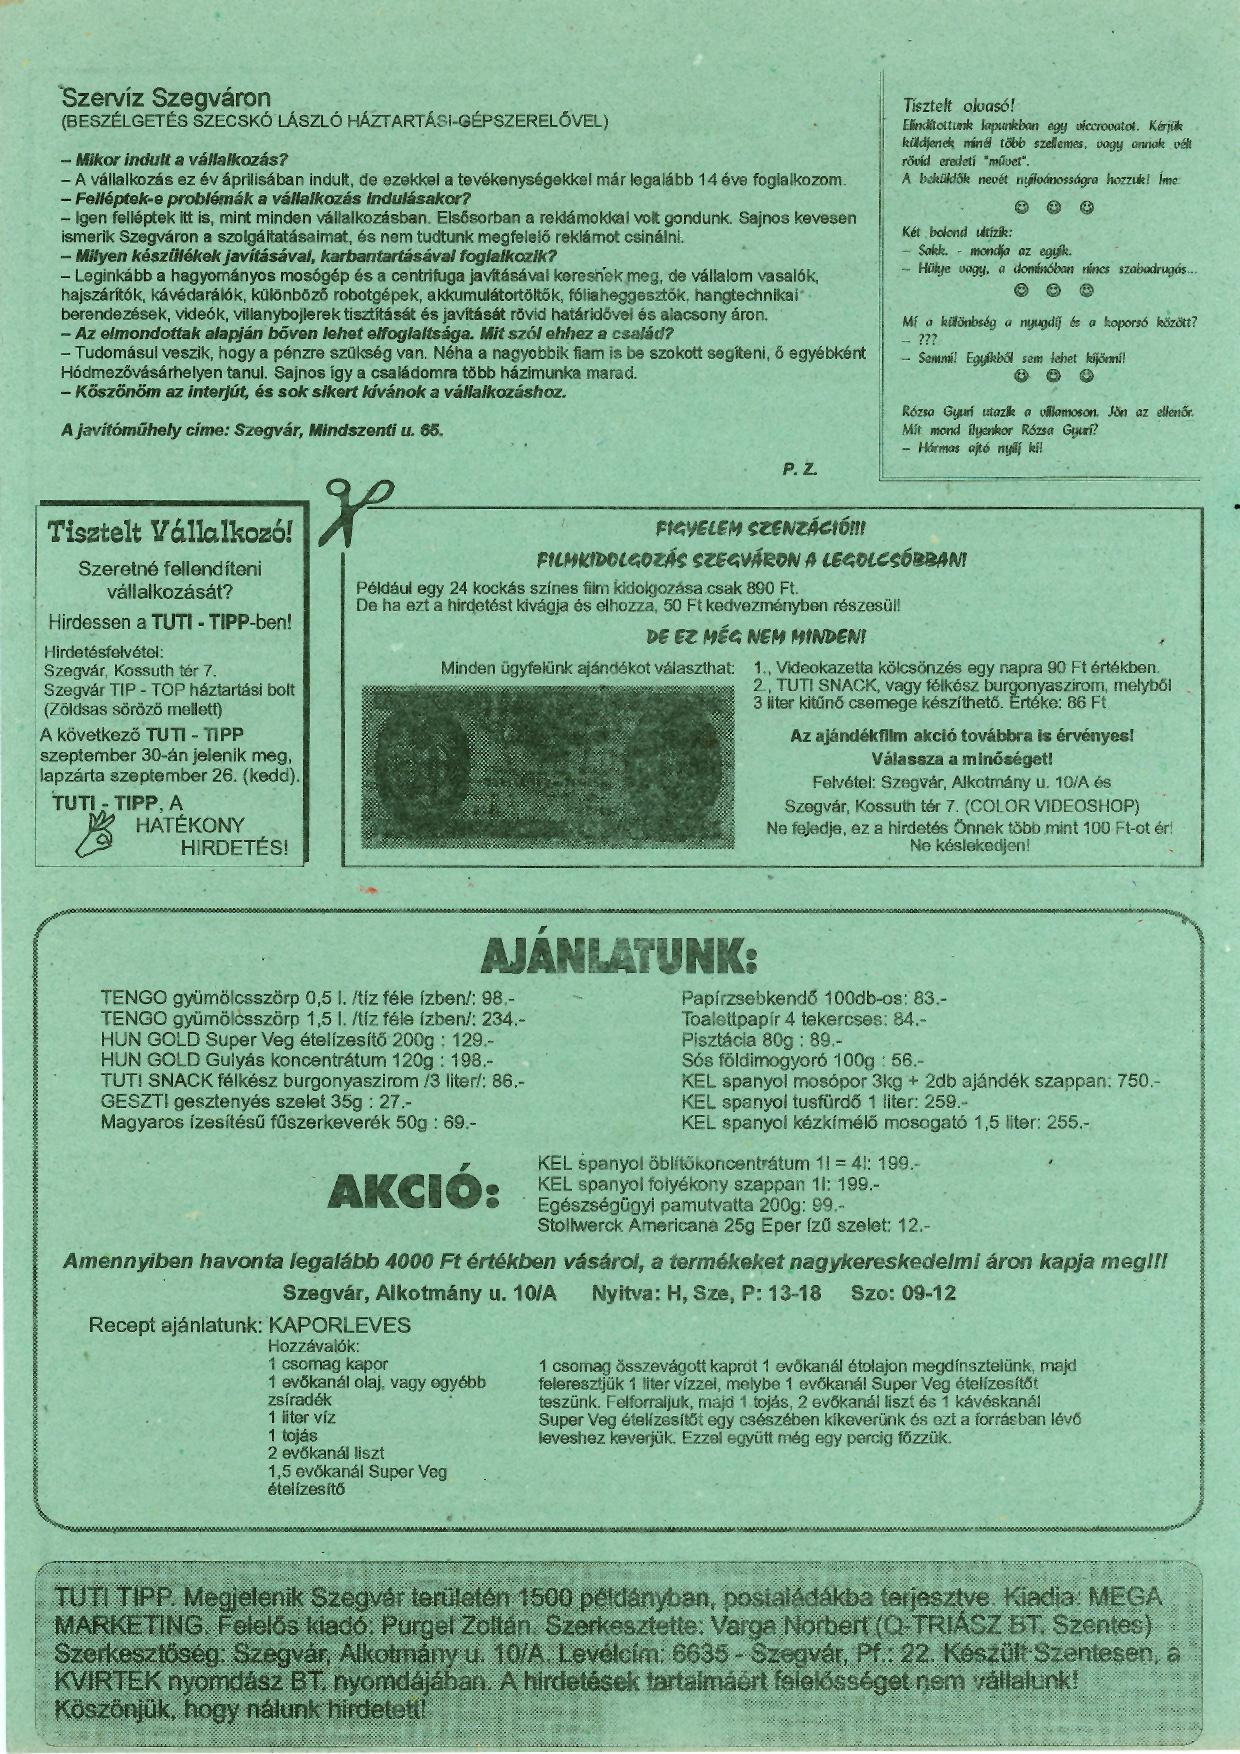 006 Tuti Tipp reklámújság - 19950916-003. lapszám -2.oldal - I. évfolyam.jpg